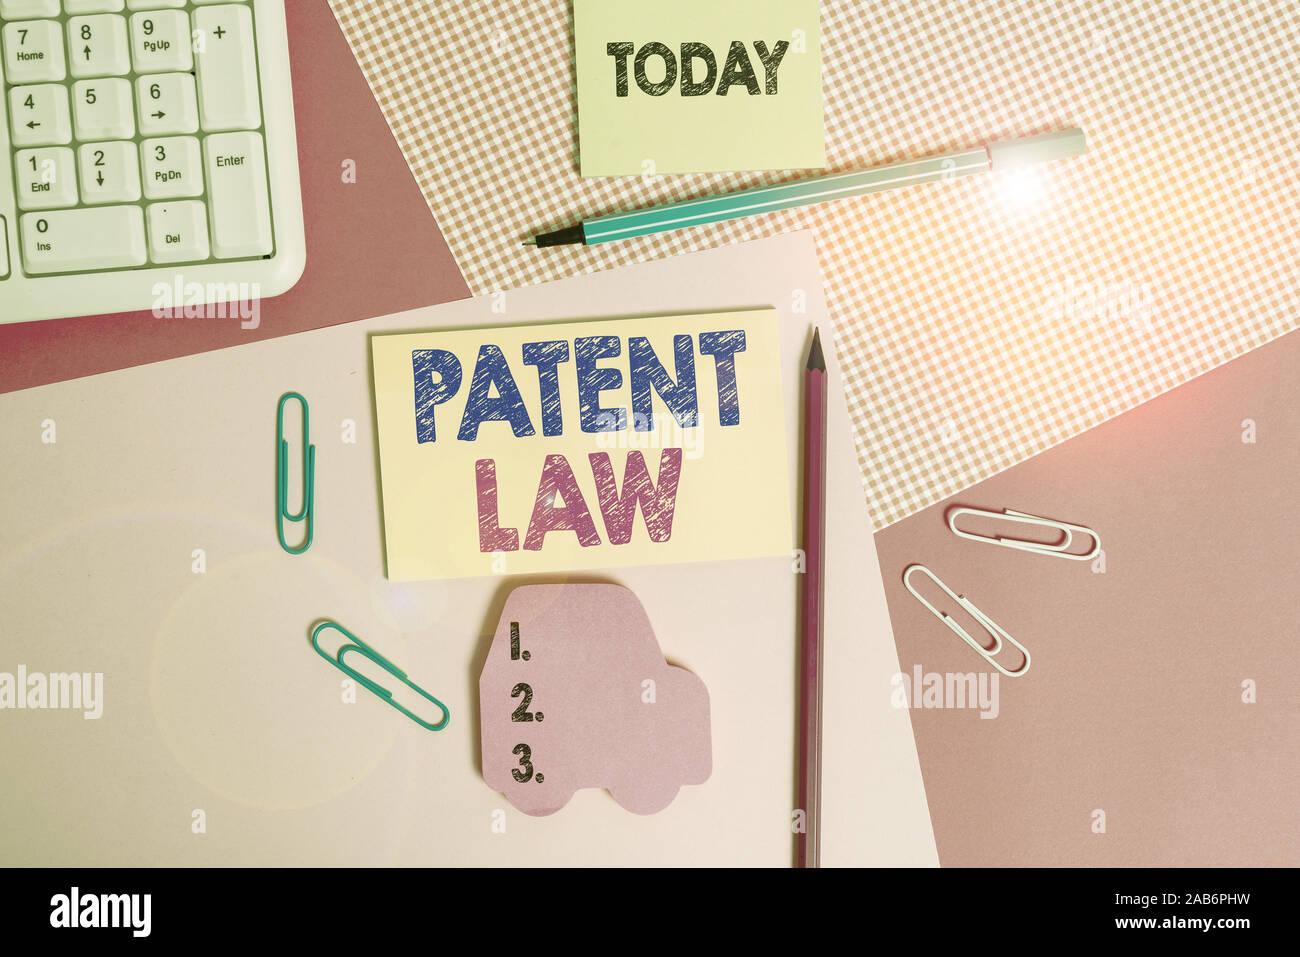 Escribir nota que muestra el Derecho de Patentes. Concepto de negocio para ofertas con un inventor s tiene derecho exclusivo a utilizar su propio invento escrito equipos y equipo Foto de stock